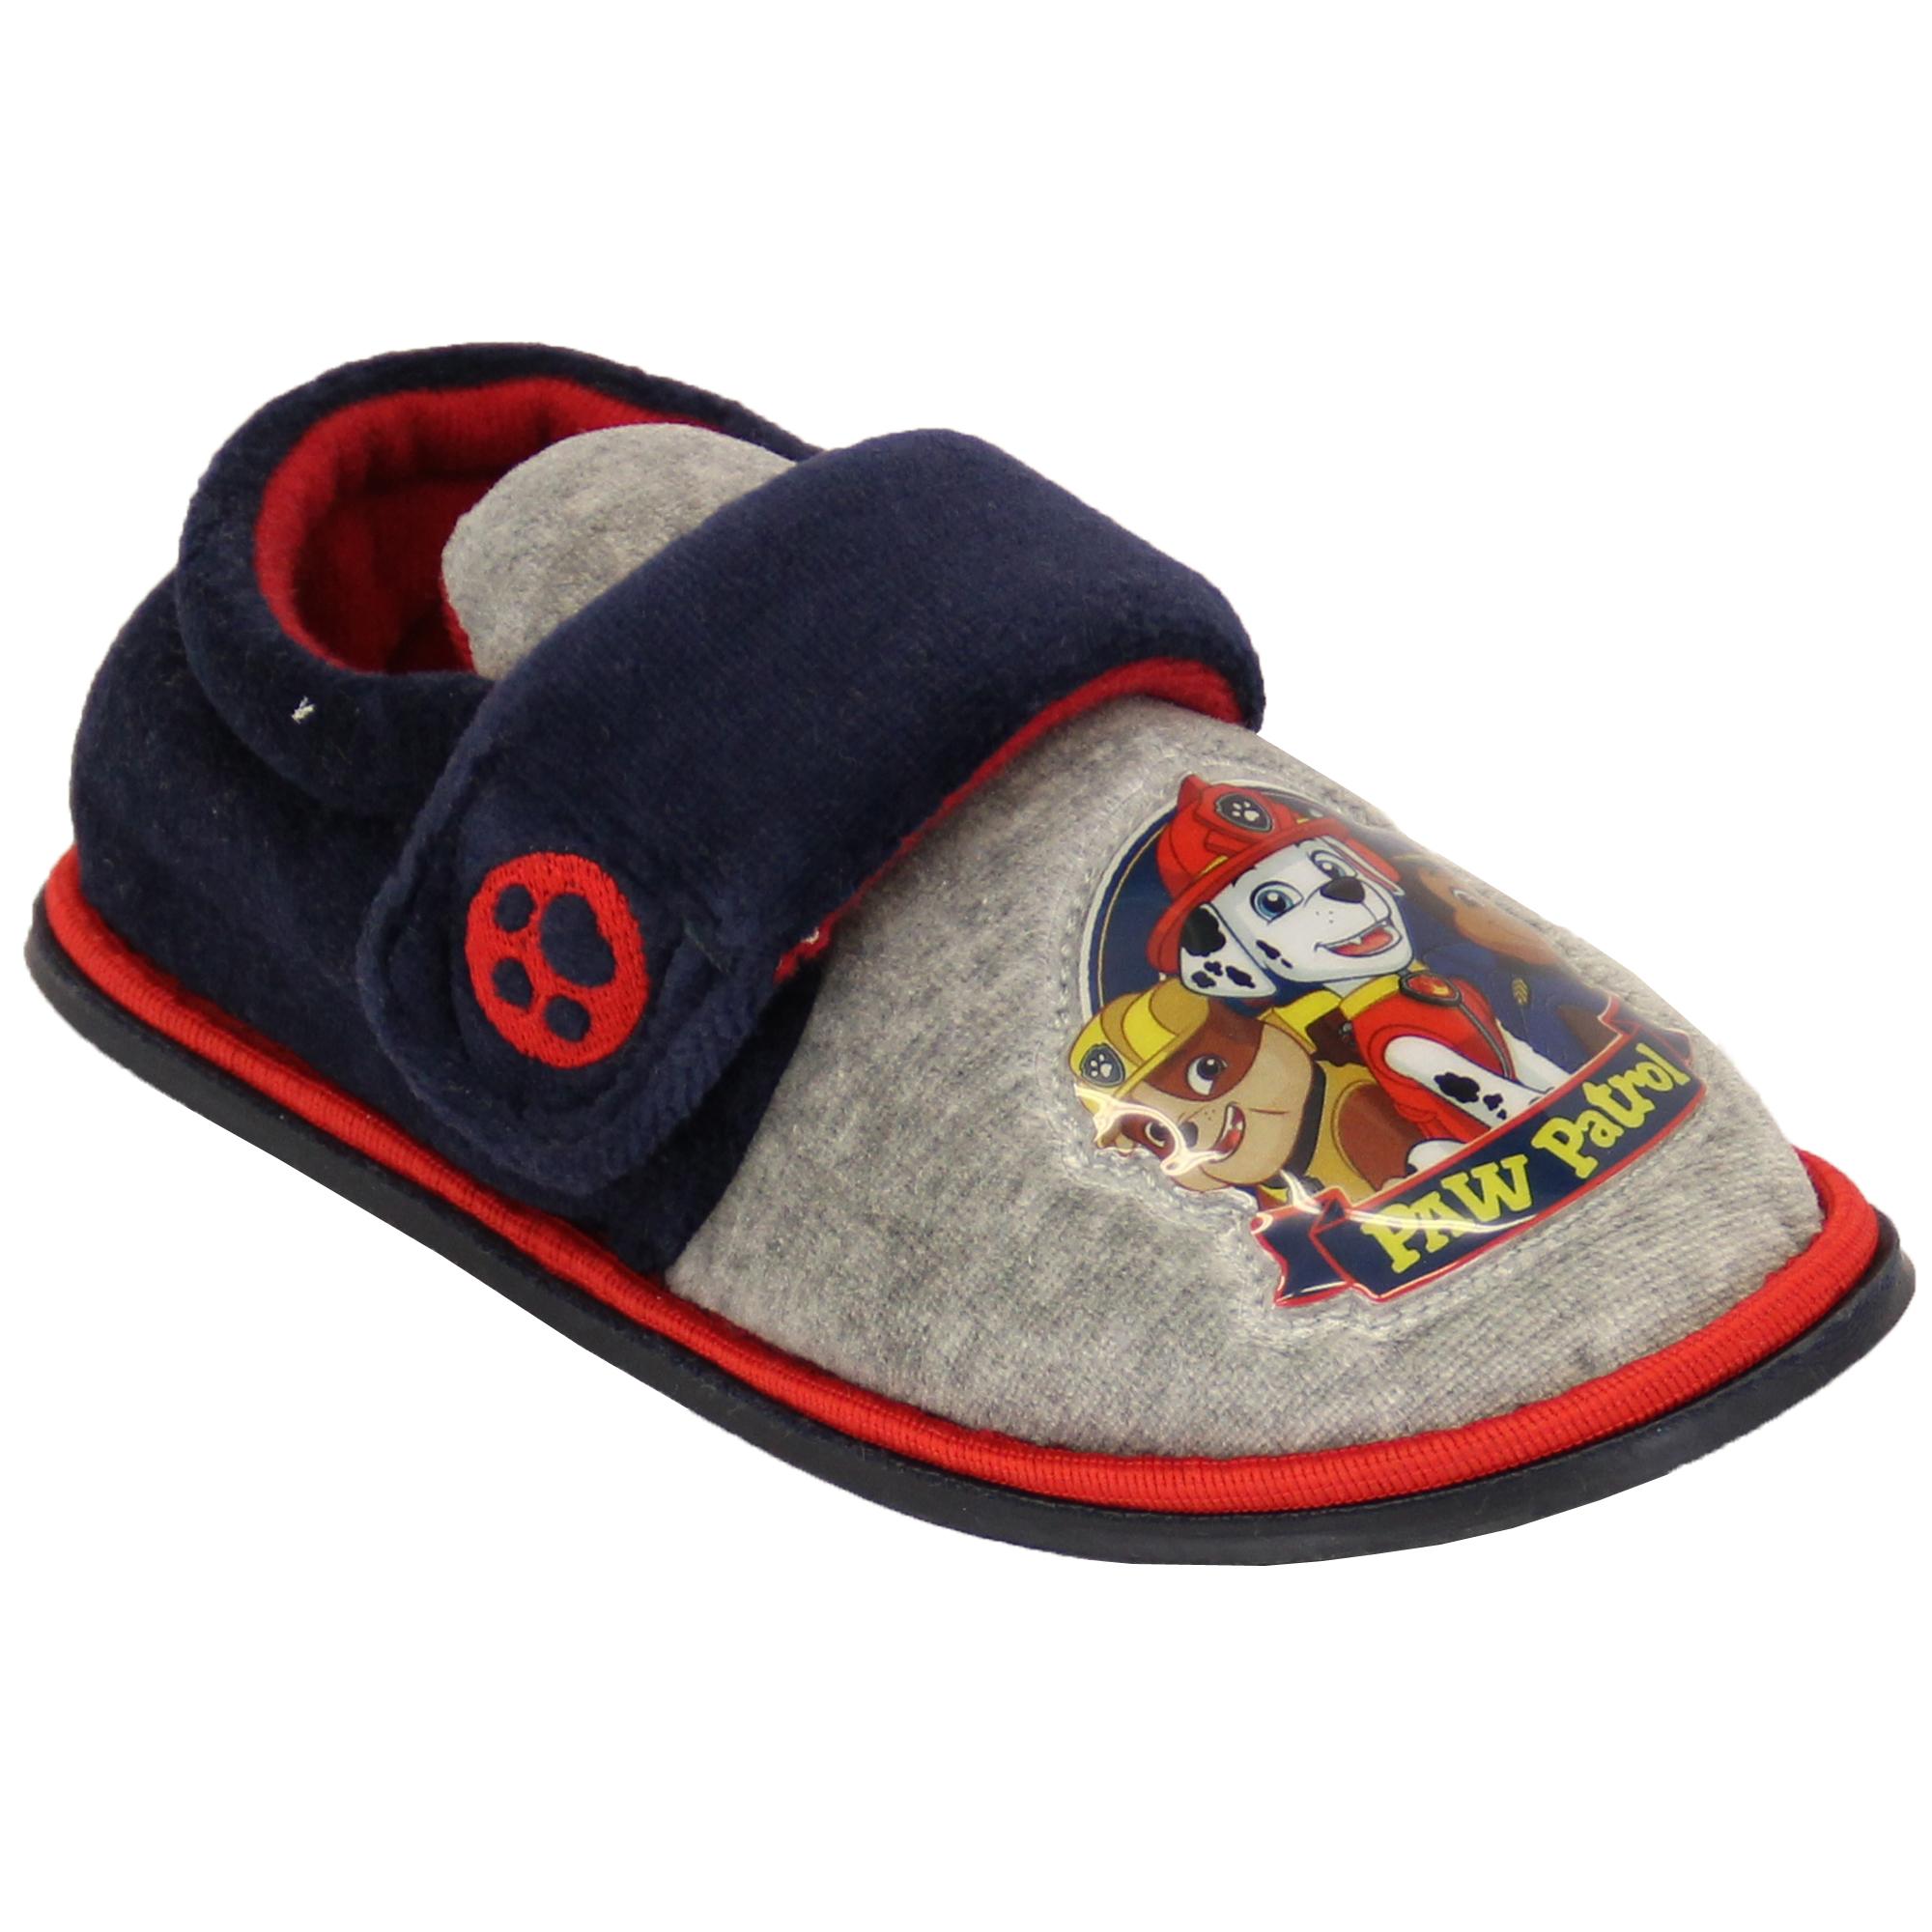 Paw Patrol Shoes Boys Size